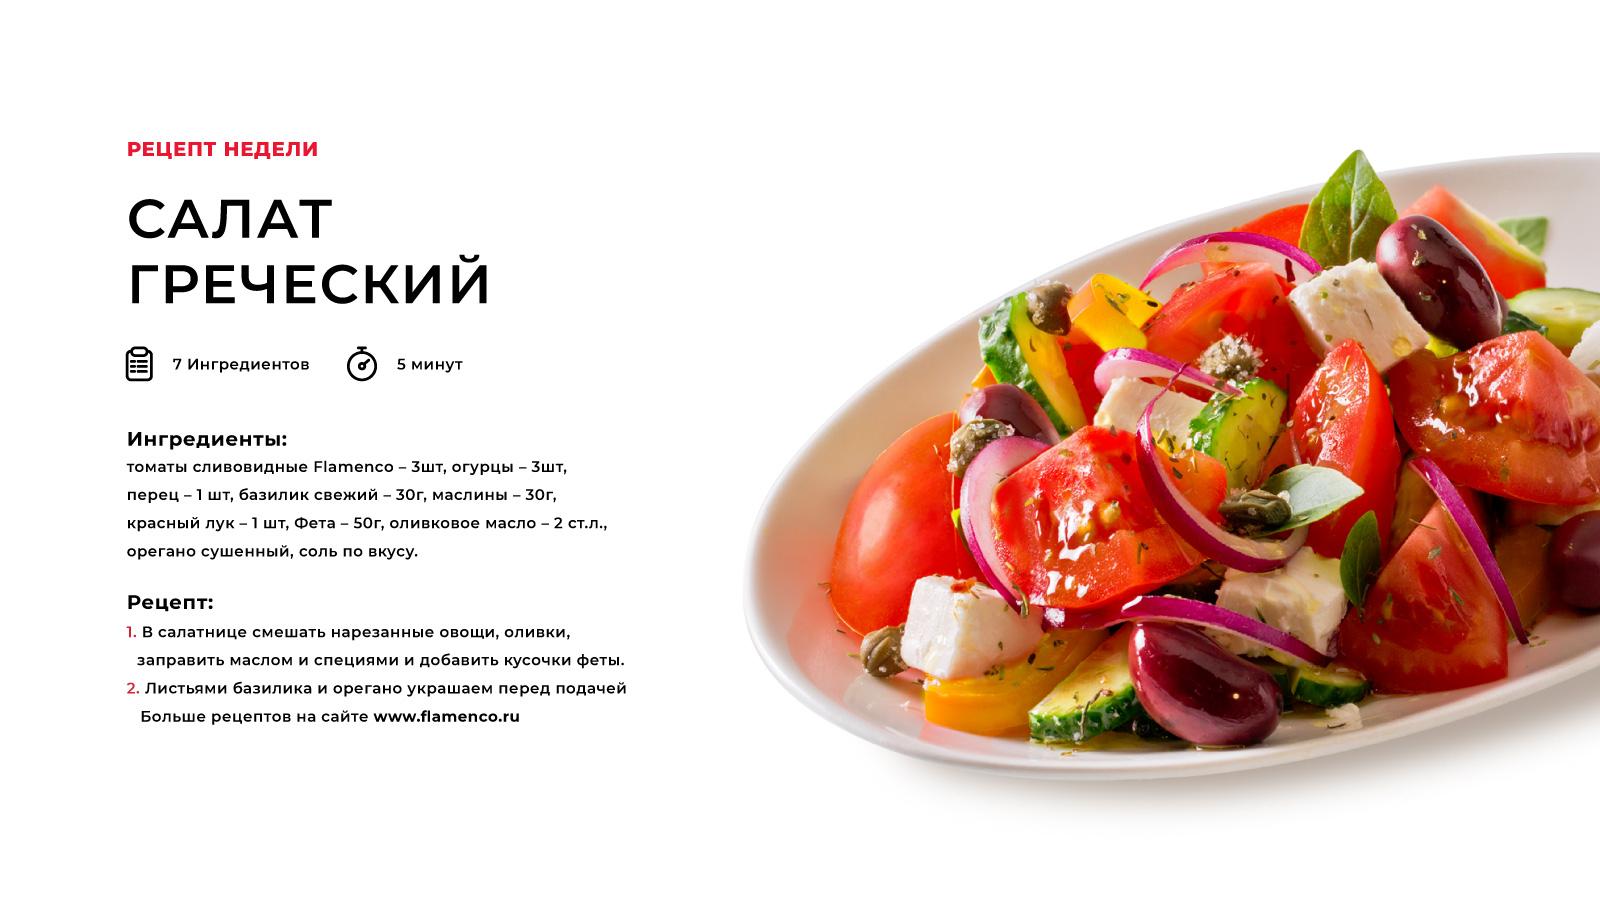 Гастрономическая фотосъемка показывает цвет томата и создает высокие ожидания от вкуса